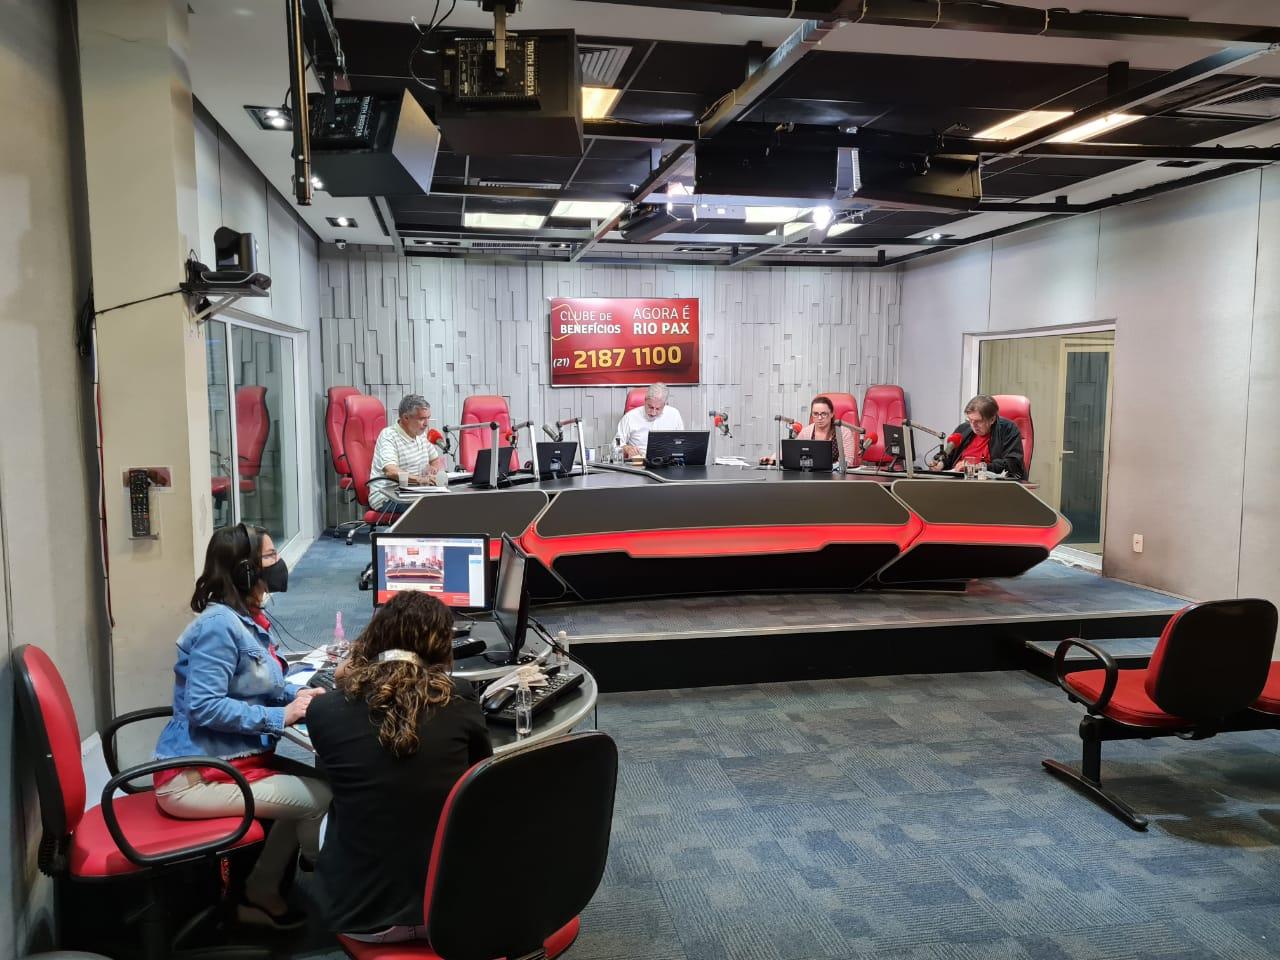 Estúdio principal da Super Rádio Tupi durante o Show do Clóvis Monteiro